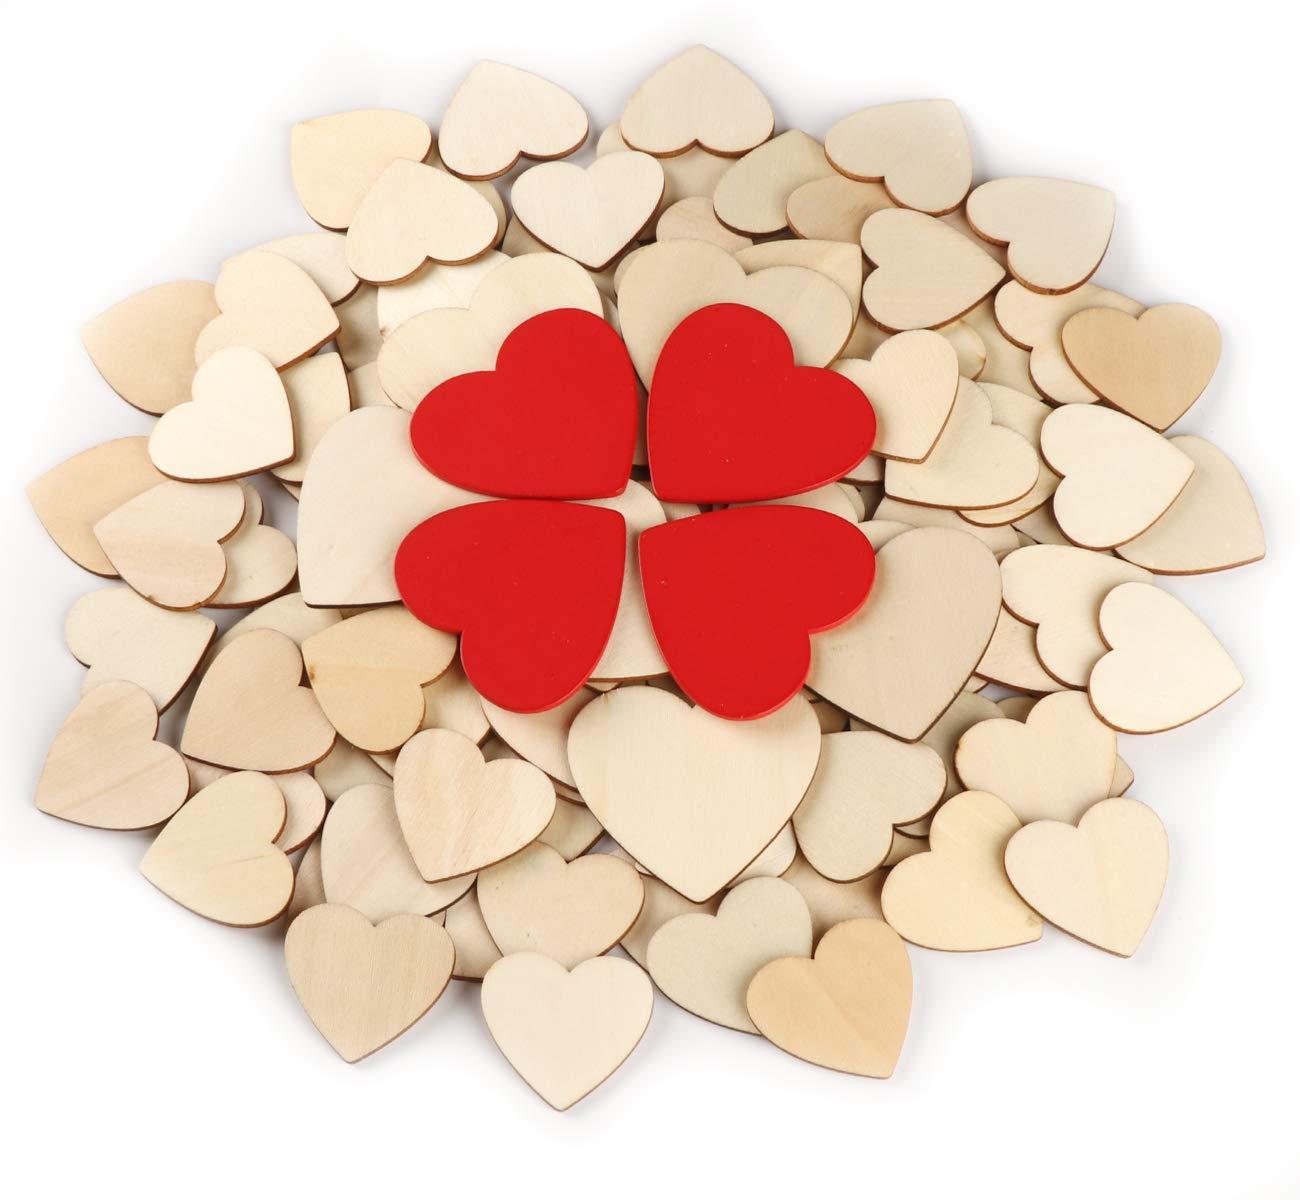 corazones de madera es adecuado para diferentes ocasiones, como hacer tarjetas, adornos, álbumes de recortes, fiestas de cumpleaños, ceremonias y celebraciones